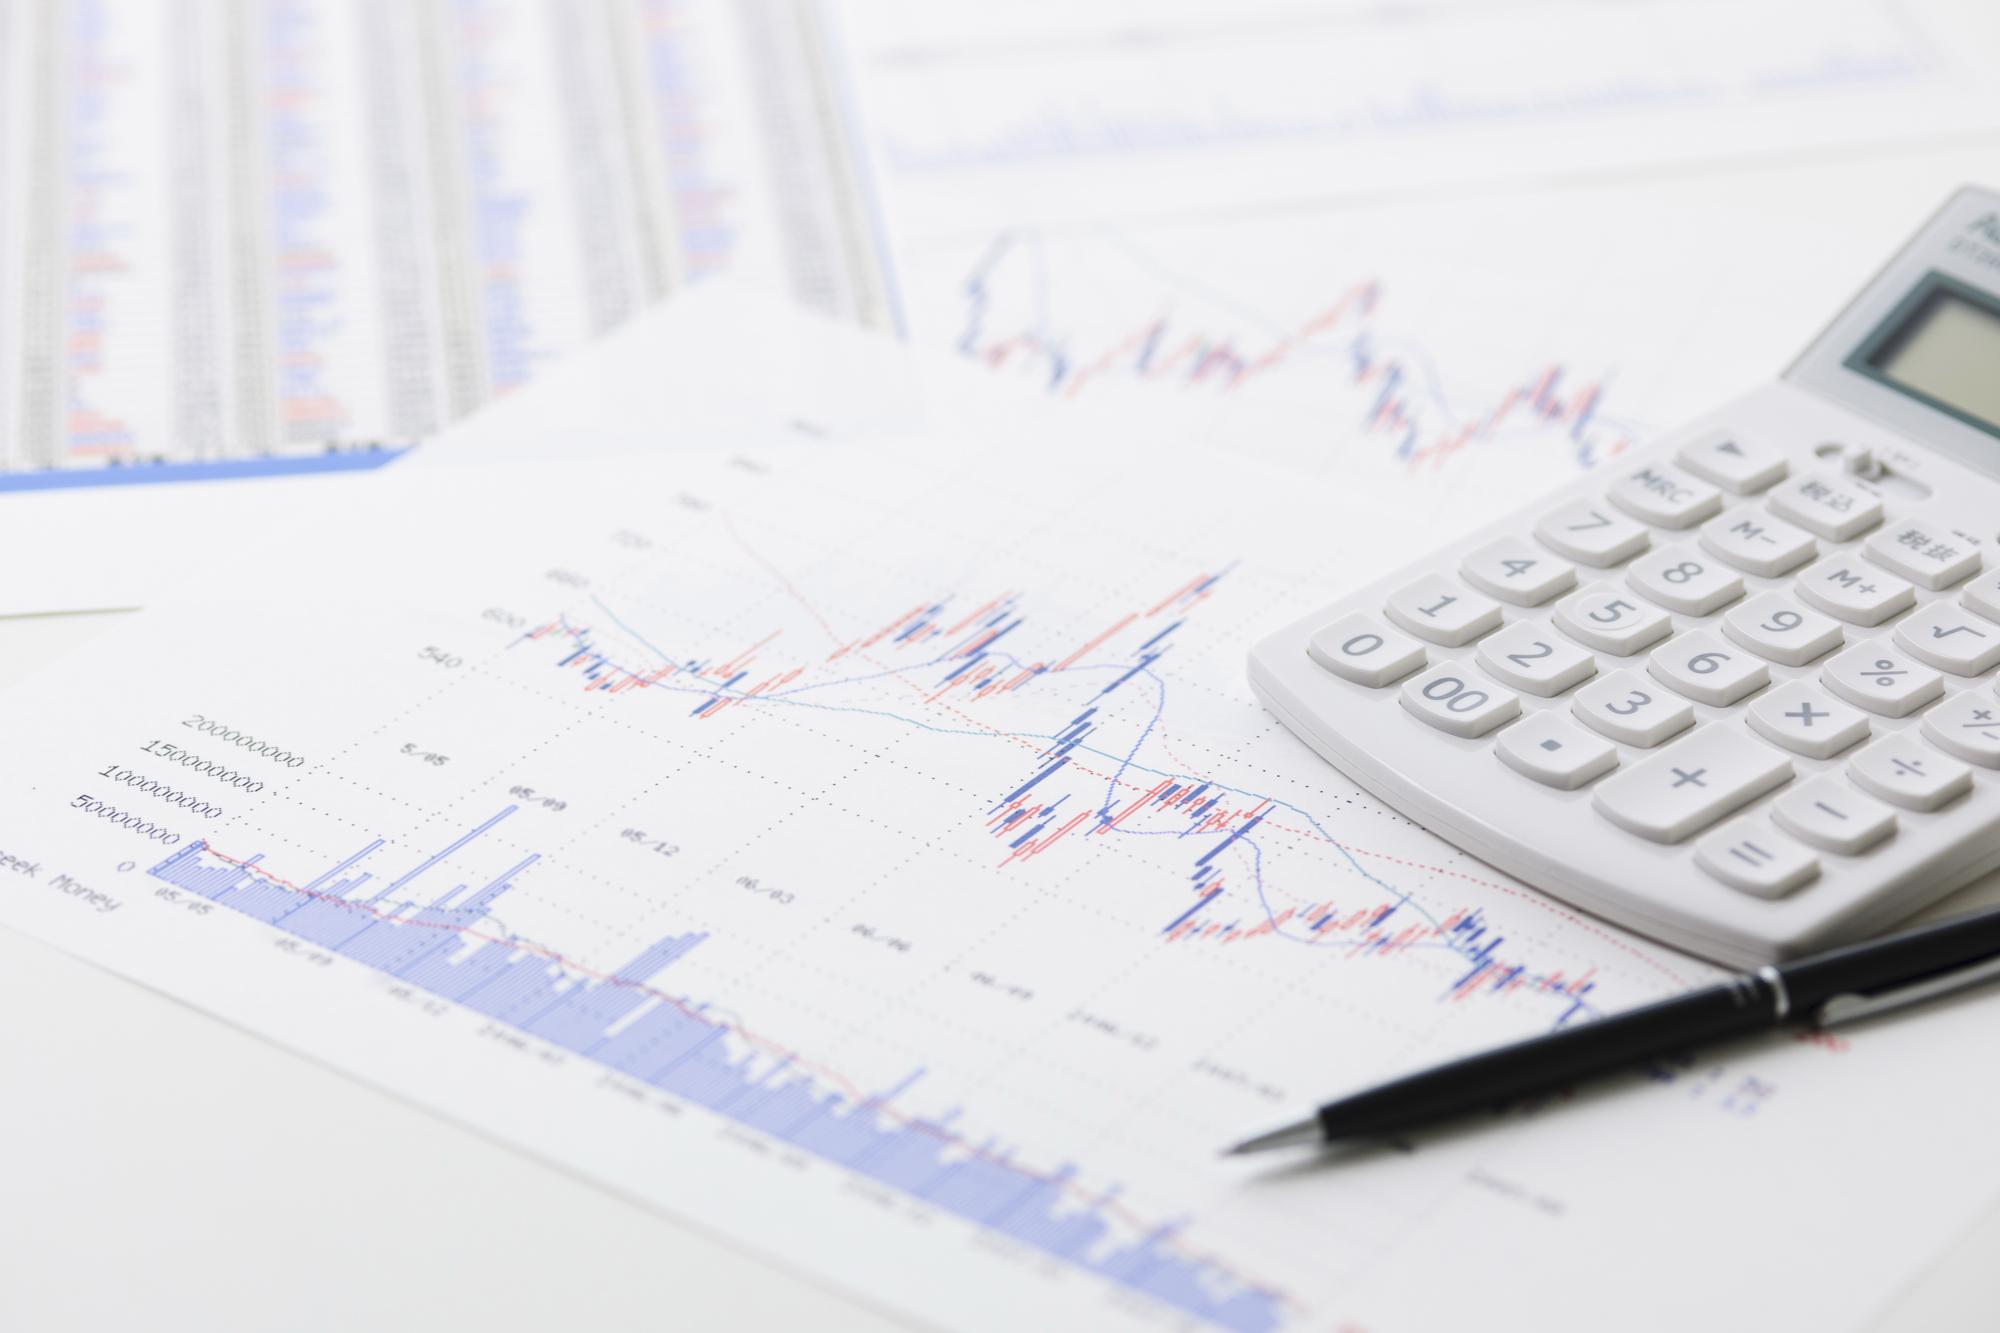 株価チャートと電卓